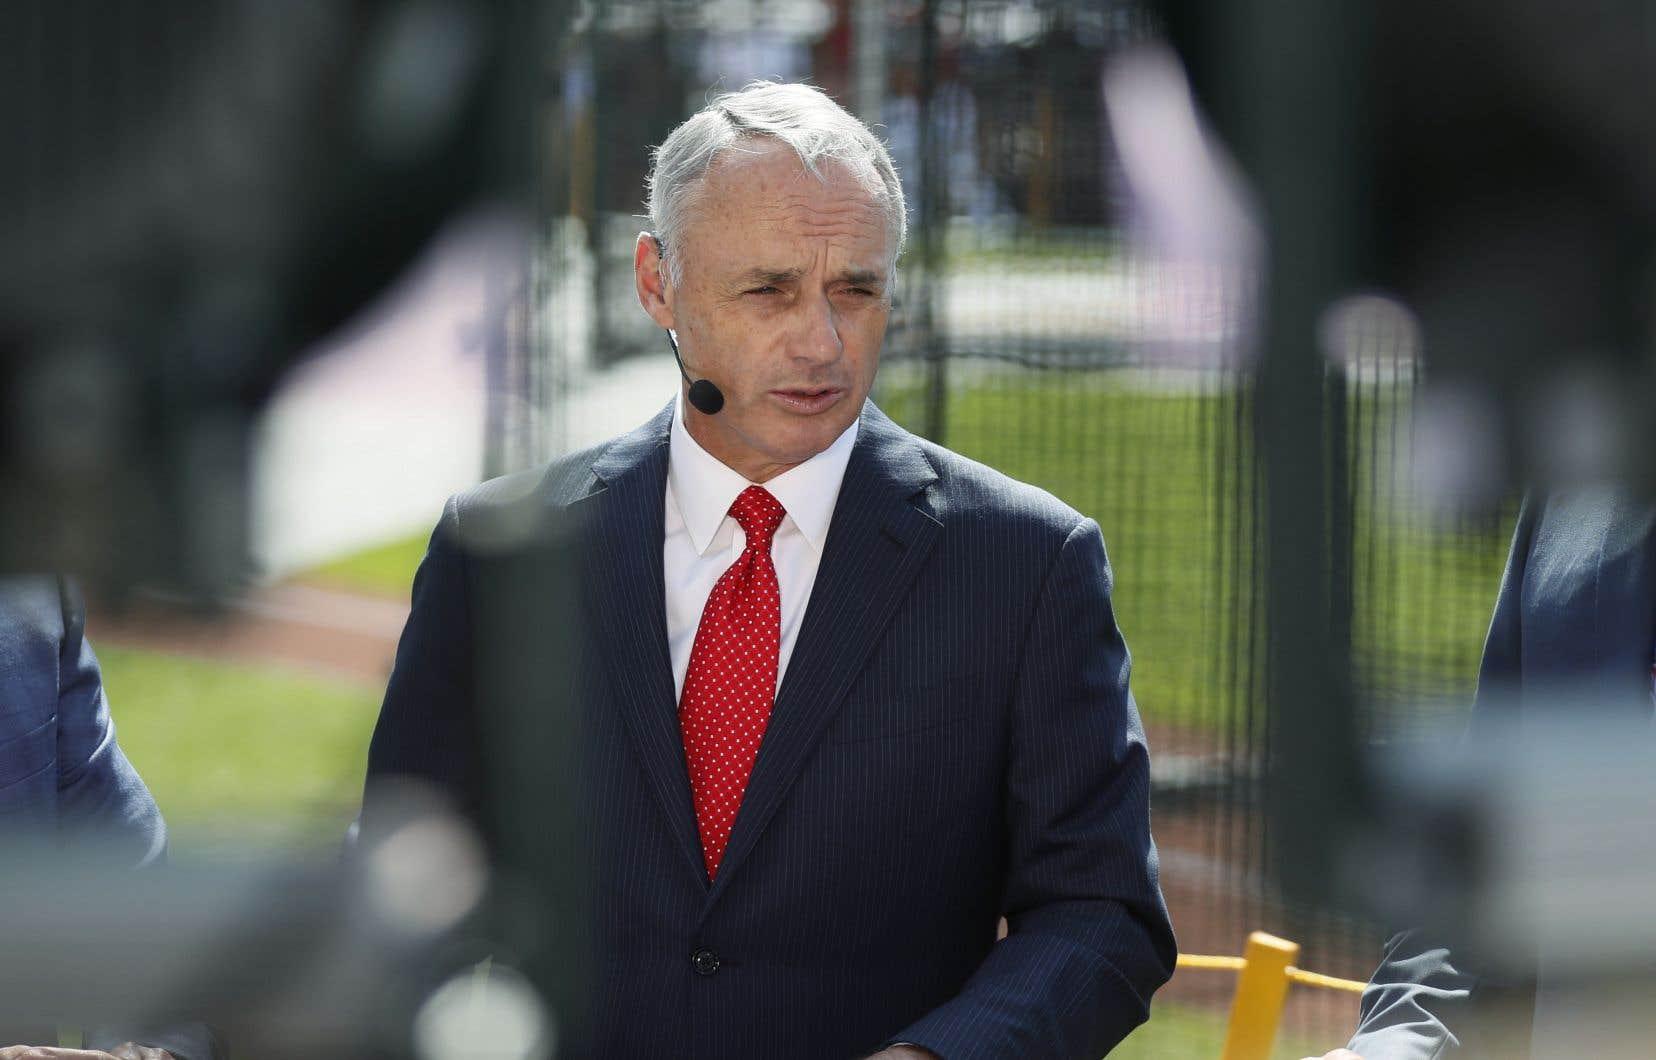 Le commissaire des Ligues majeures de baseball Rob Manfred